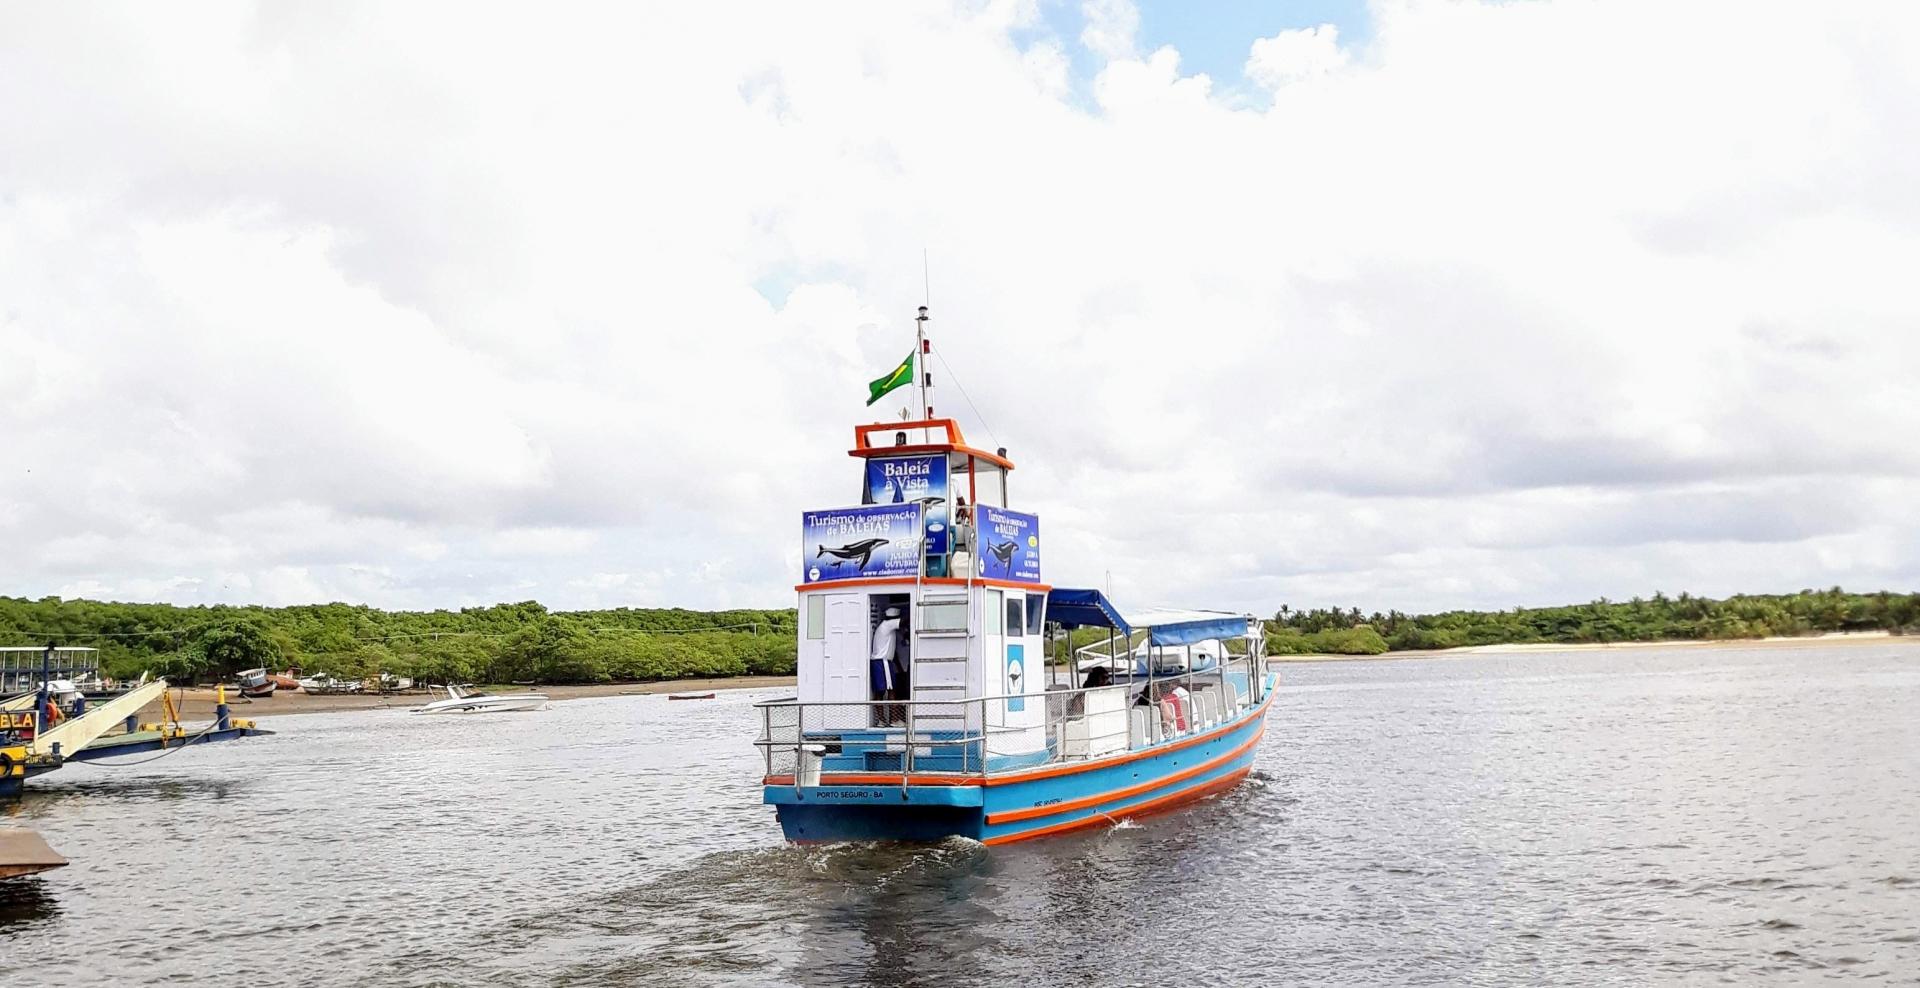 Passeio de barco - Baleia Jubarte em Arraial D'Ajuda